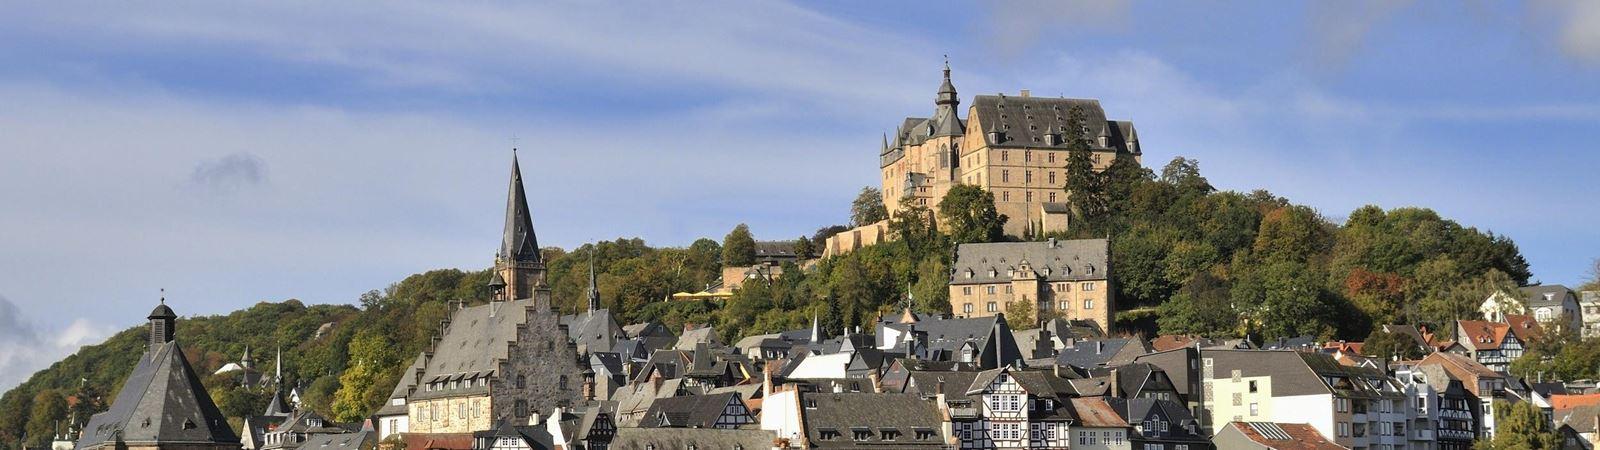 Marburg Germany Panorama Photo